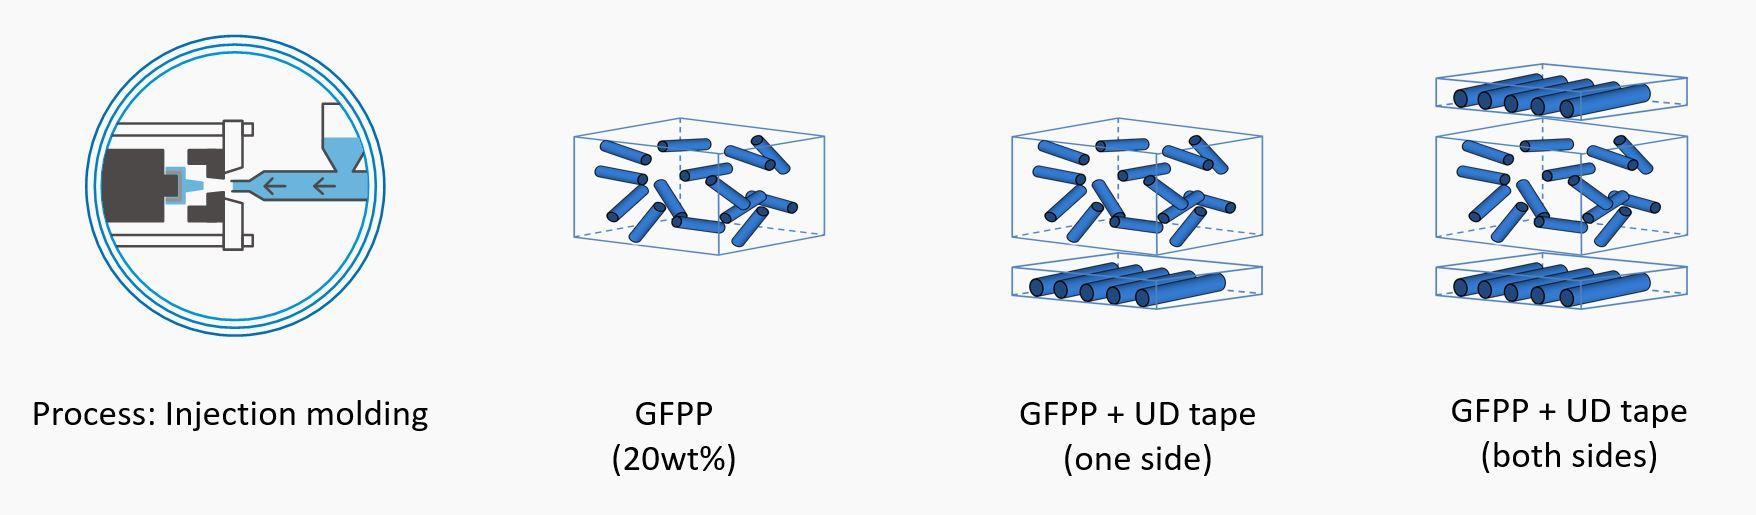 TAFNEX Partial reinforcement 4